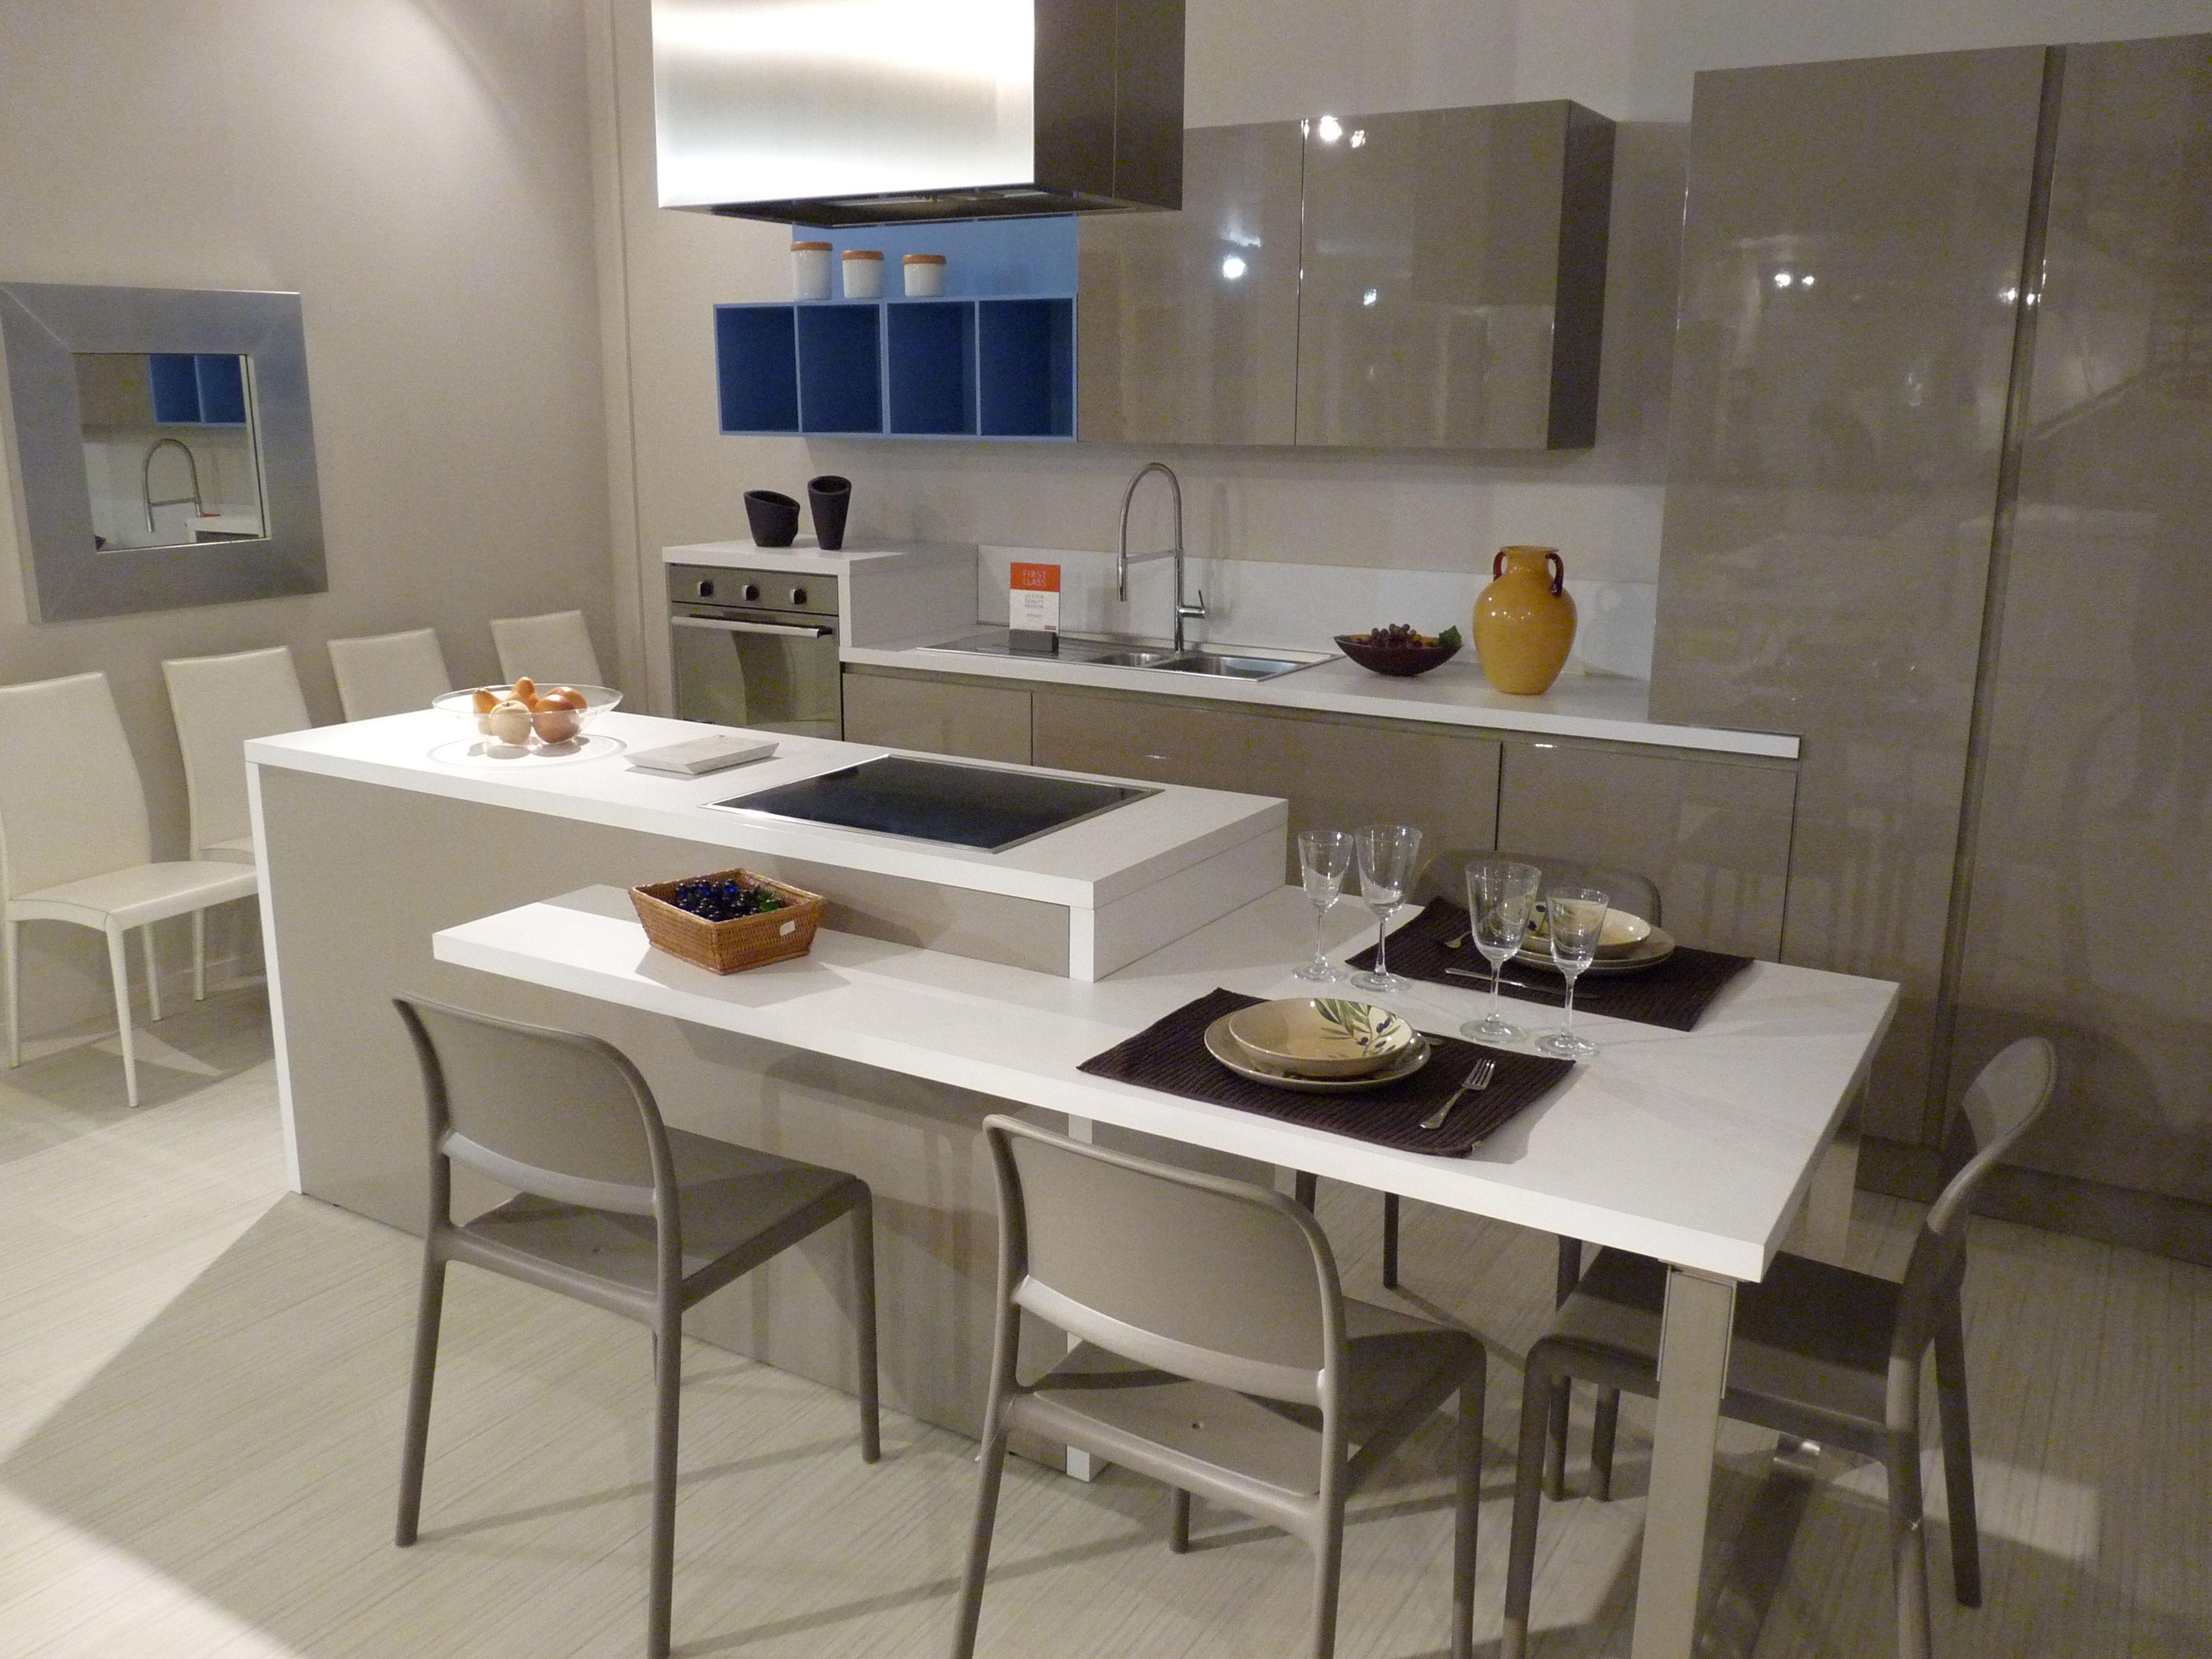 Immagine idee per la casa in 2019 cucine isola cucina for Case antiche arredamento